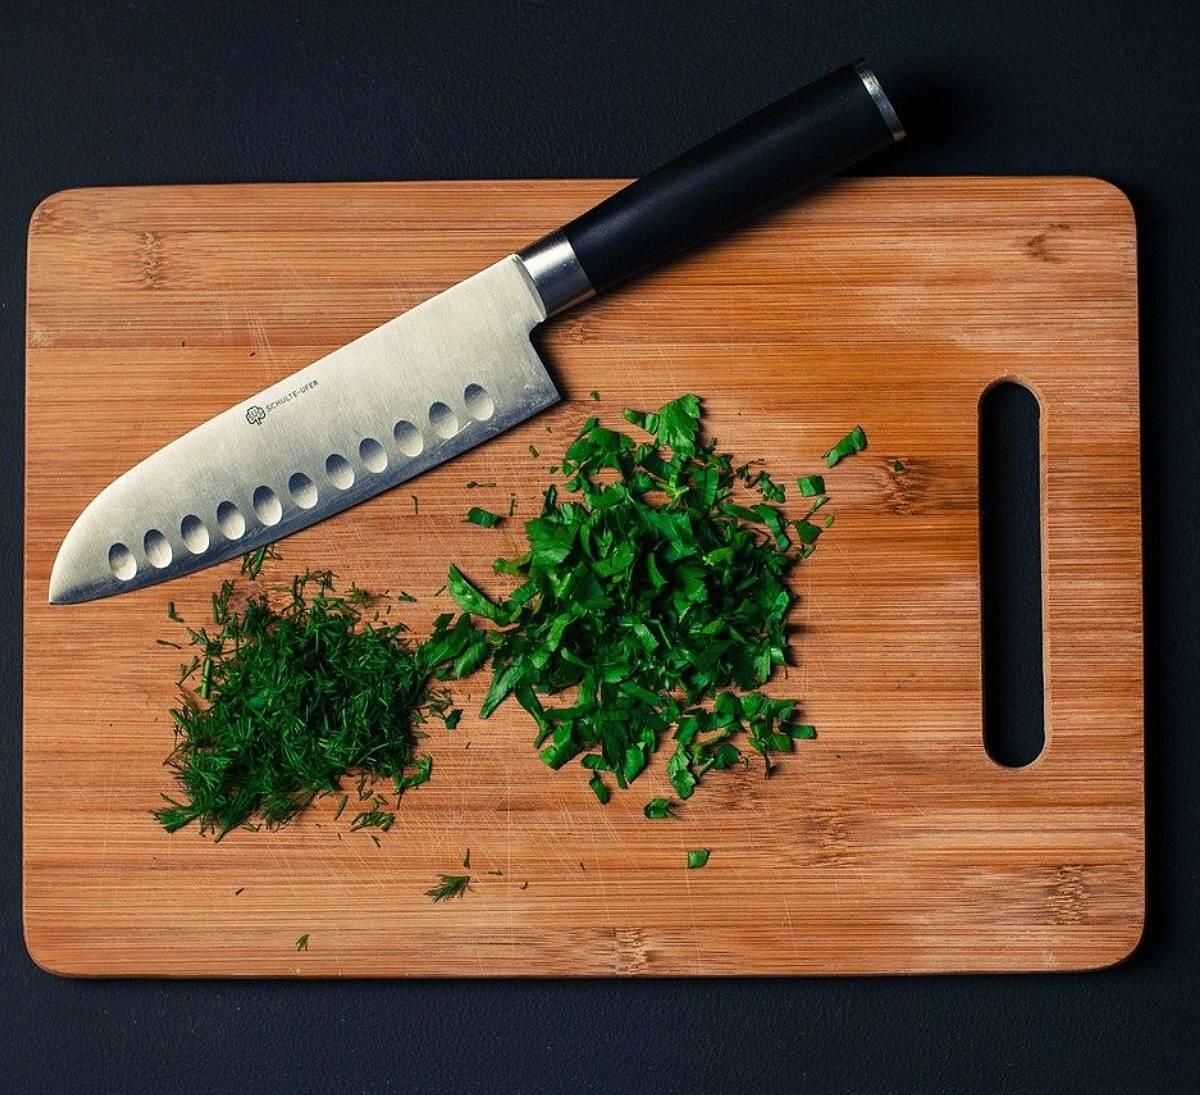 Chefs Knife on Cutting Board